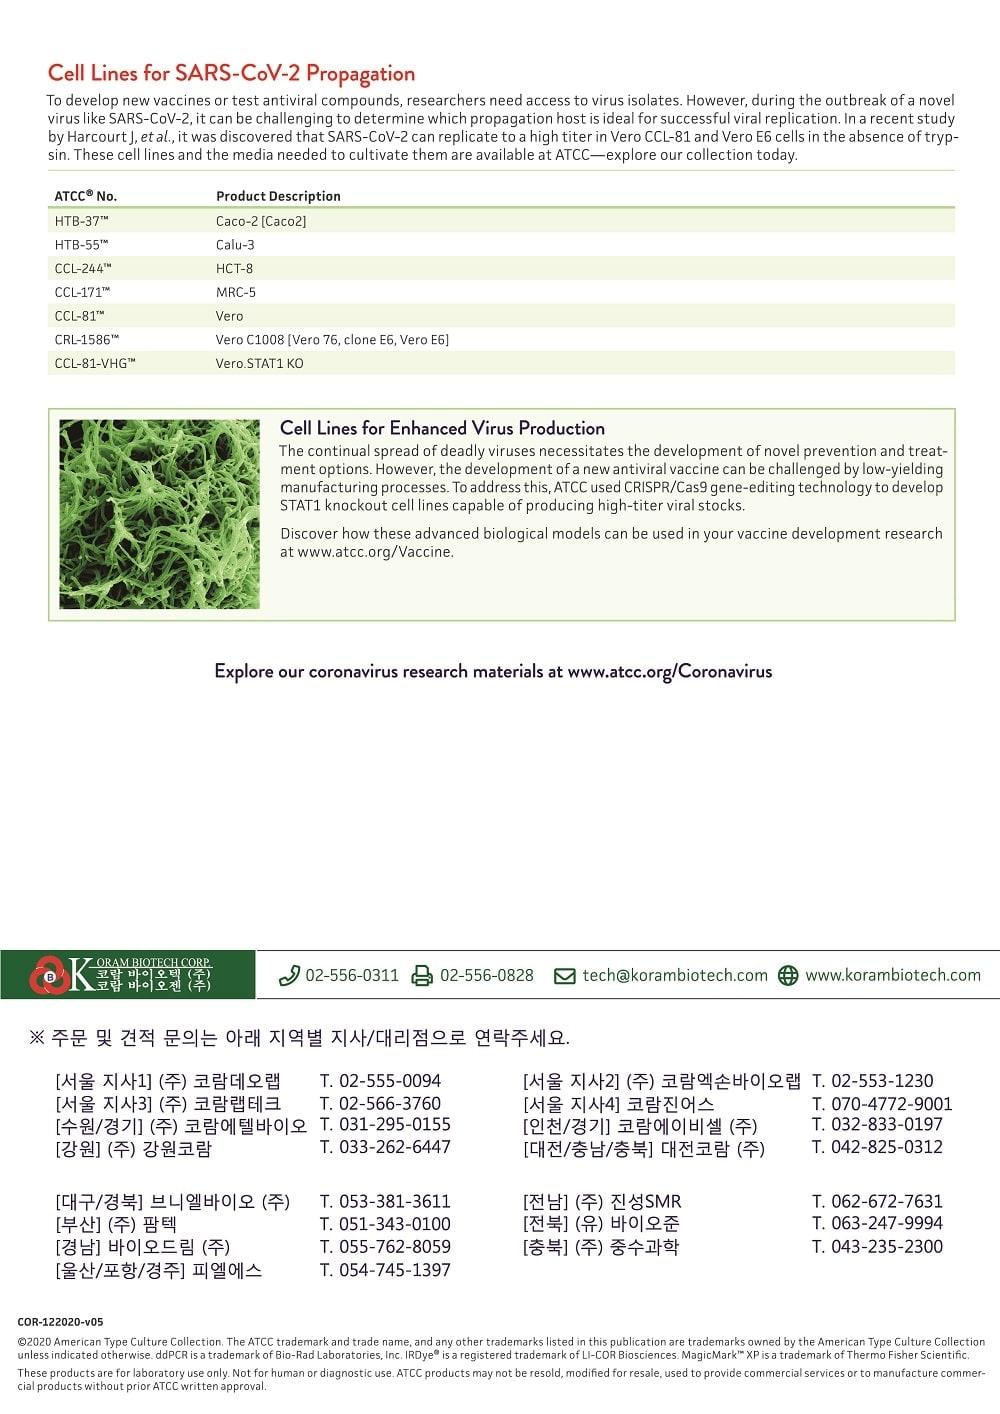 2039113258_FPICKcuE_2020_12_Corona_Flyer_updated-04_resized_1000